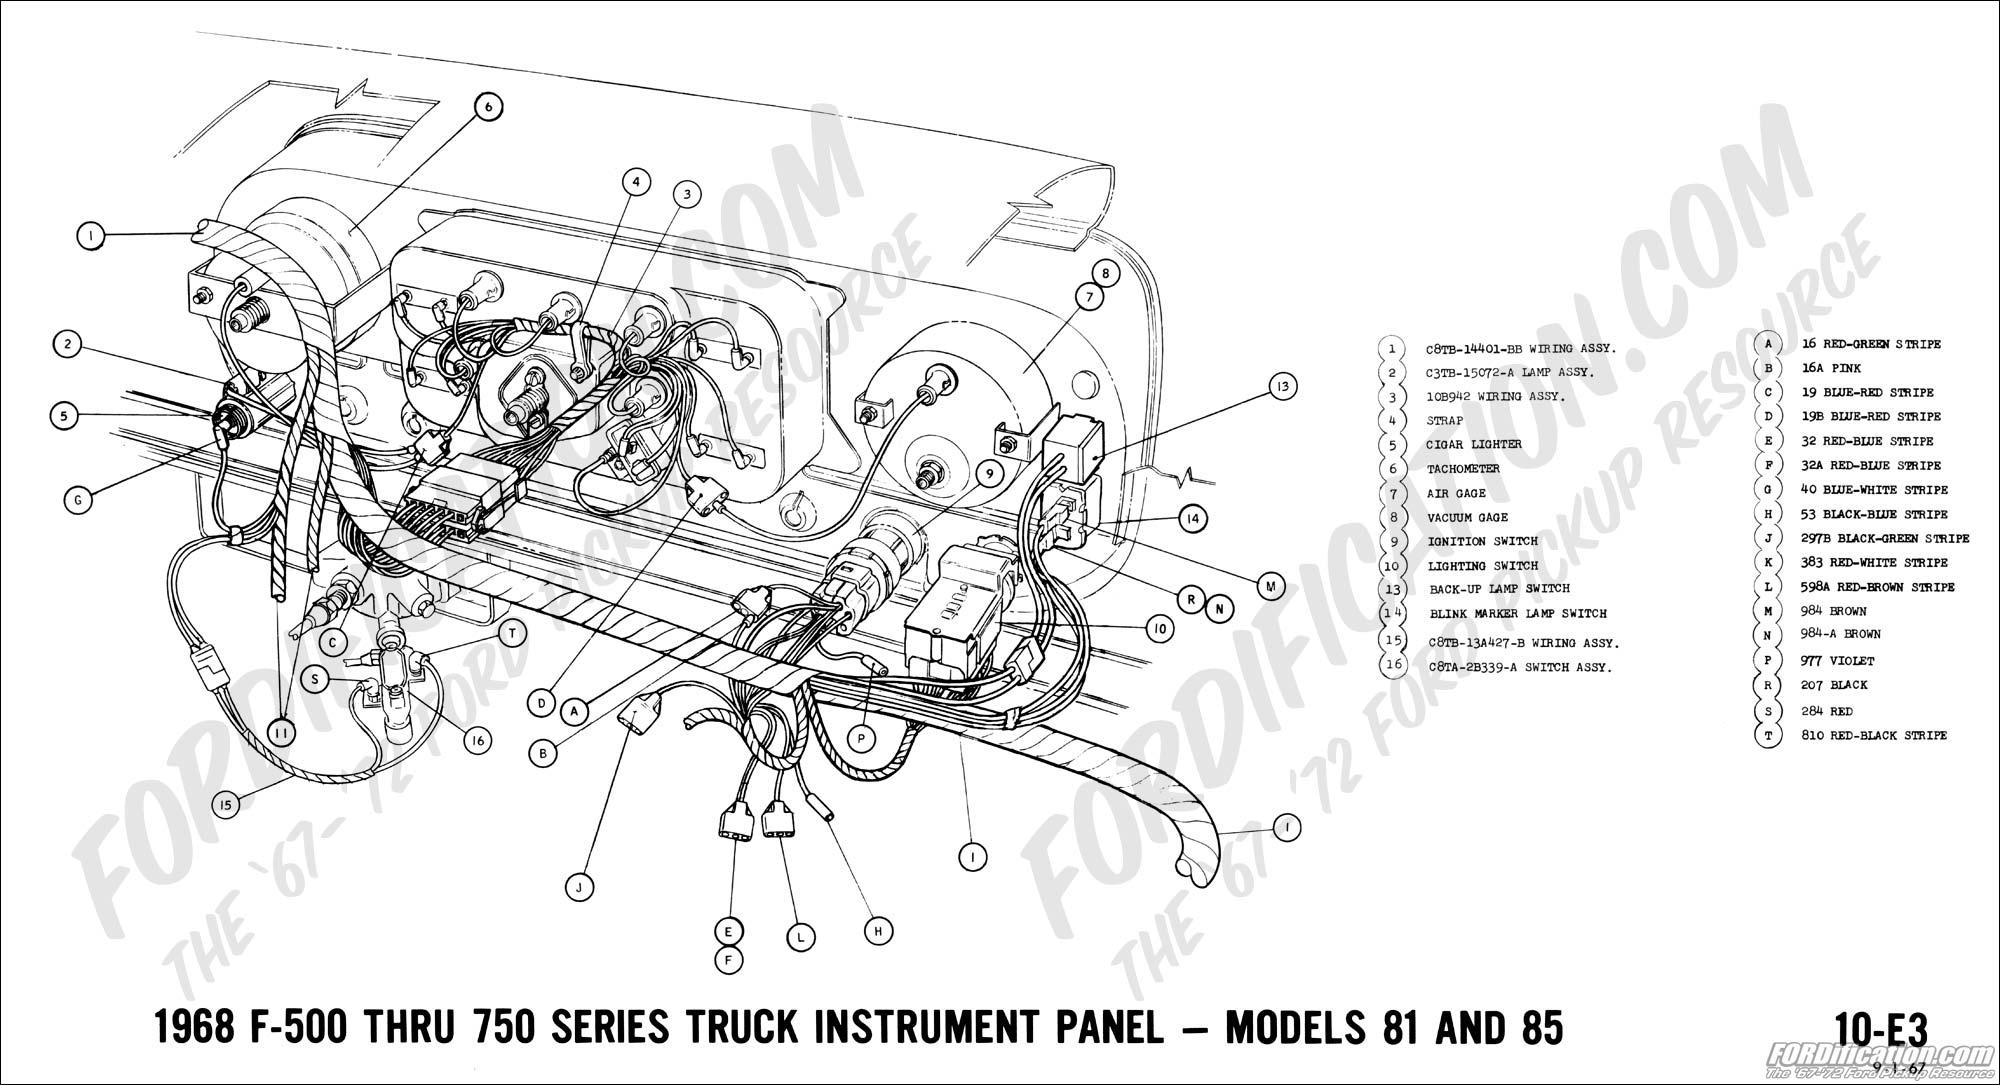 hight resolution of 1968 f 500 thru f 750 instrument panel